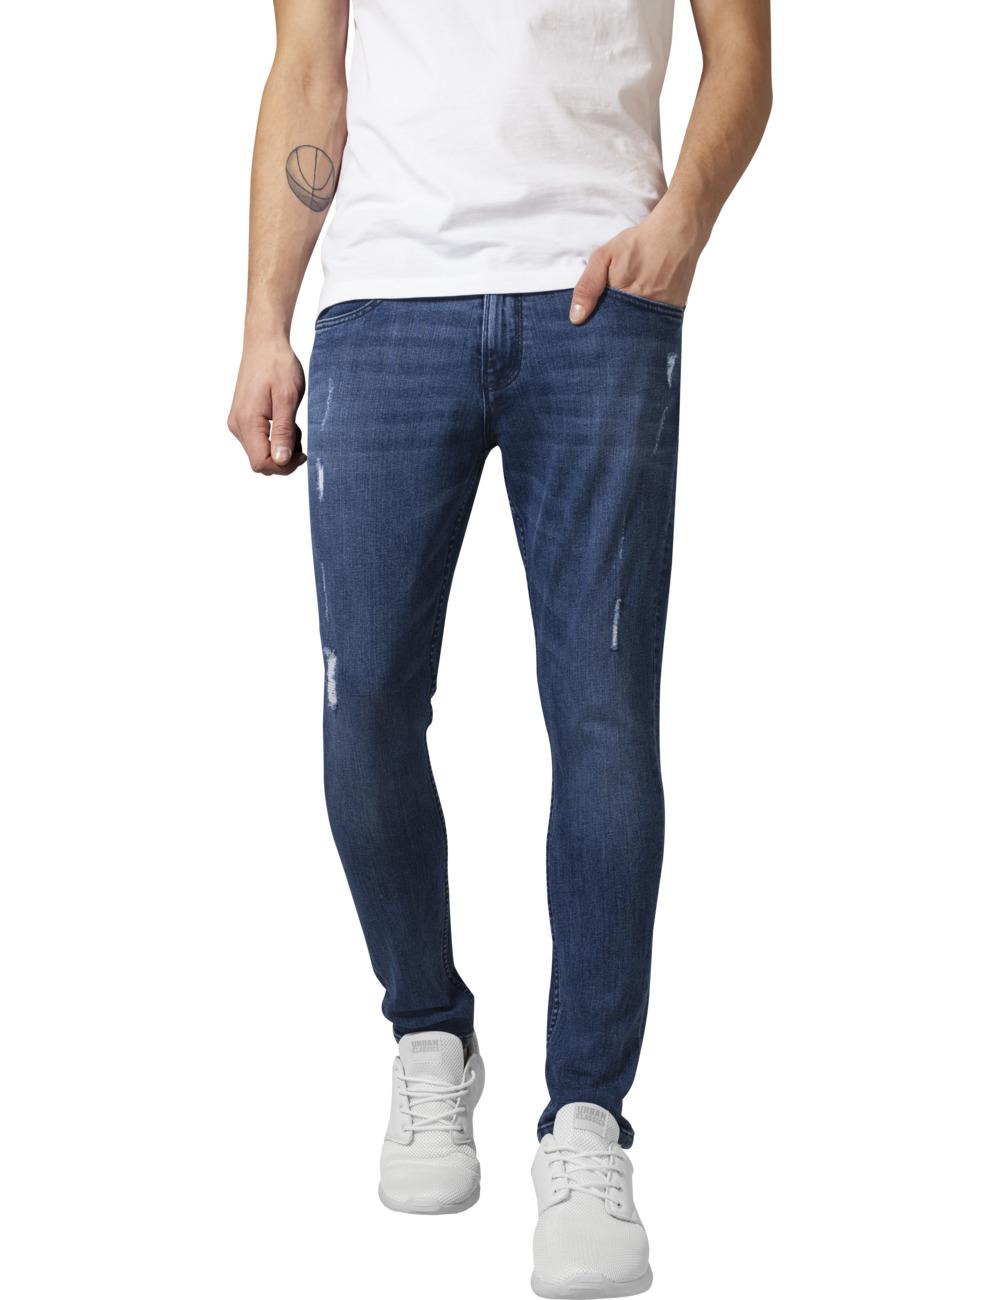 das Neueste afc7a 07463 Urban Classics Herren Jeans Skinny Ripped Stretch - Skinny Fit